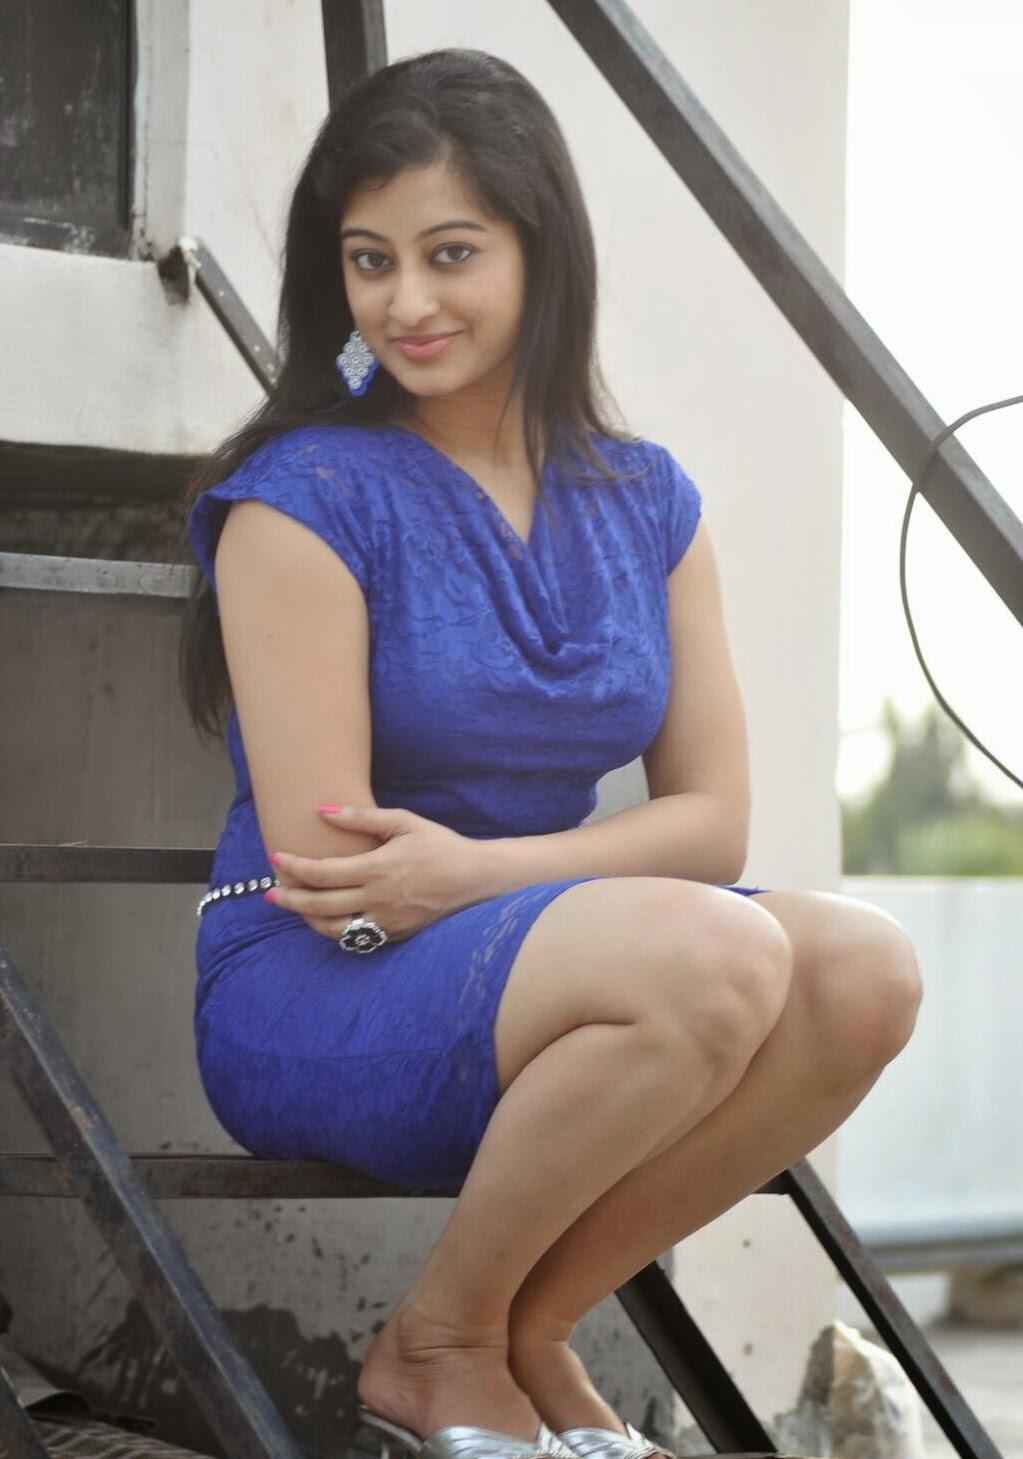 Actress Tejaswini Prakash Latest Hot Telugu Photos ...: http://expensivestars.blogspot.com/2014/03/actress-tejaswini-prakash-latest-hot.html